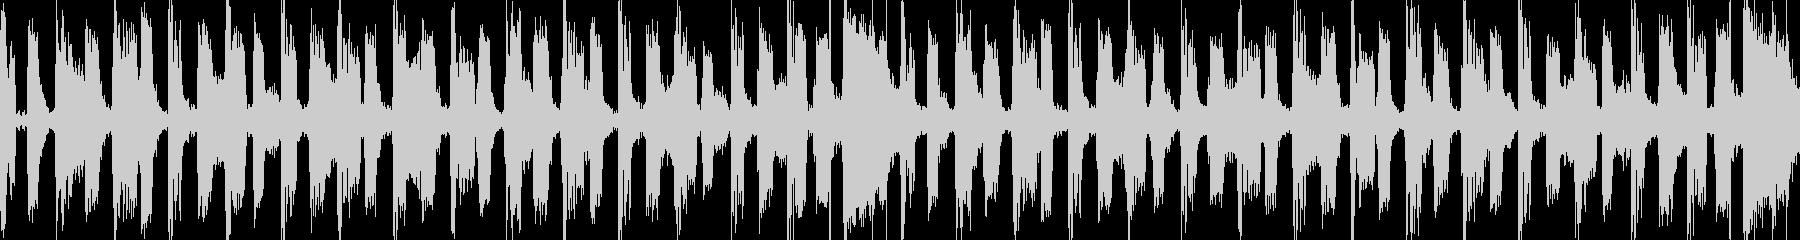 レトロでコミカルなシンセポップスの未再生の波形